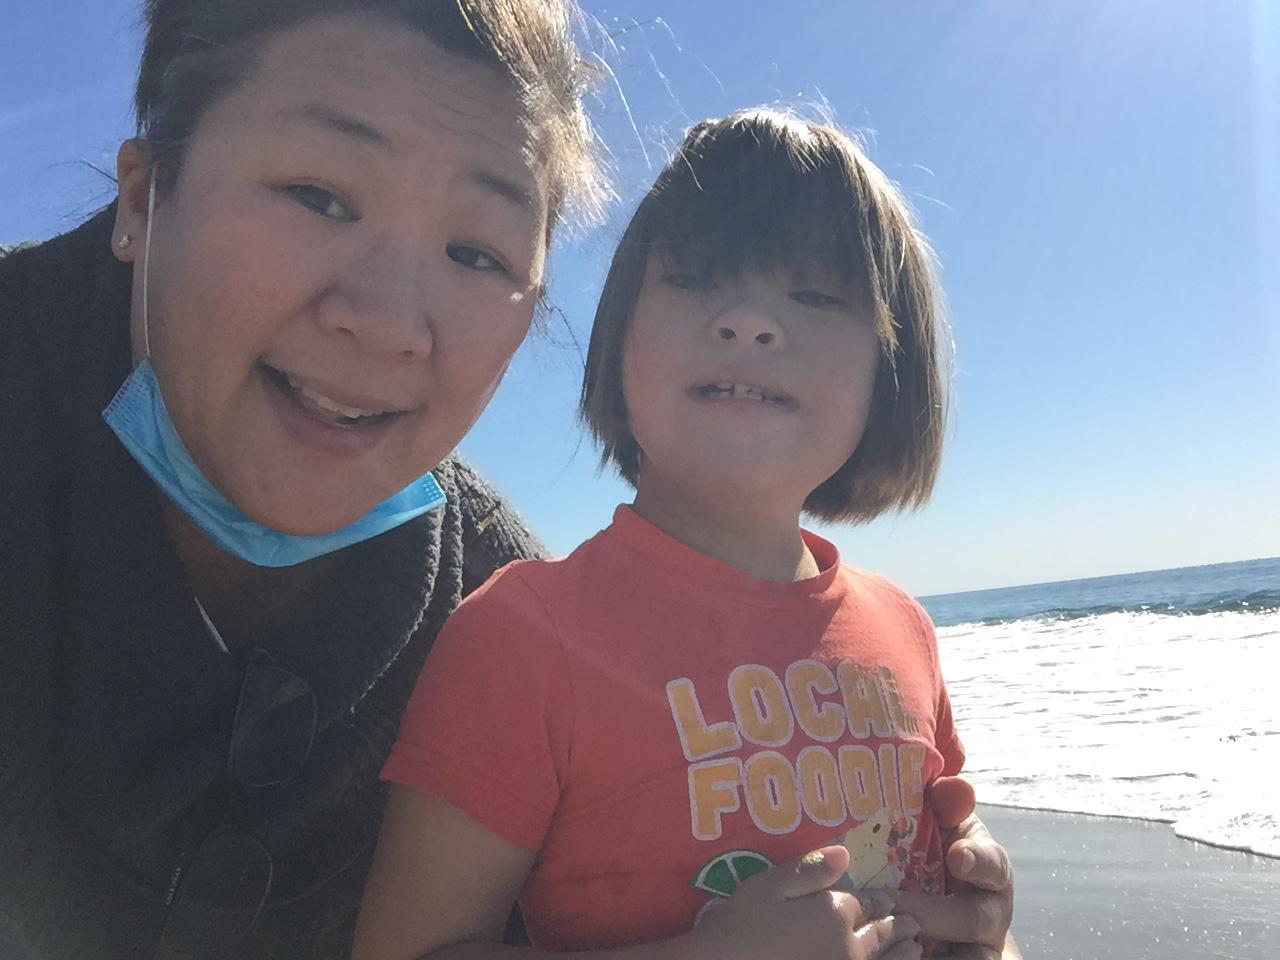 En California, los cuidadores de personas con discapacidades están siendo rechazados en los sitios de vacunación COVID